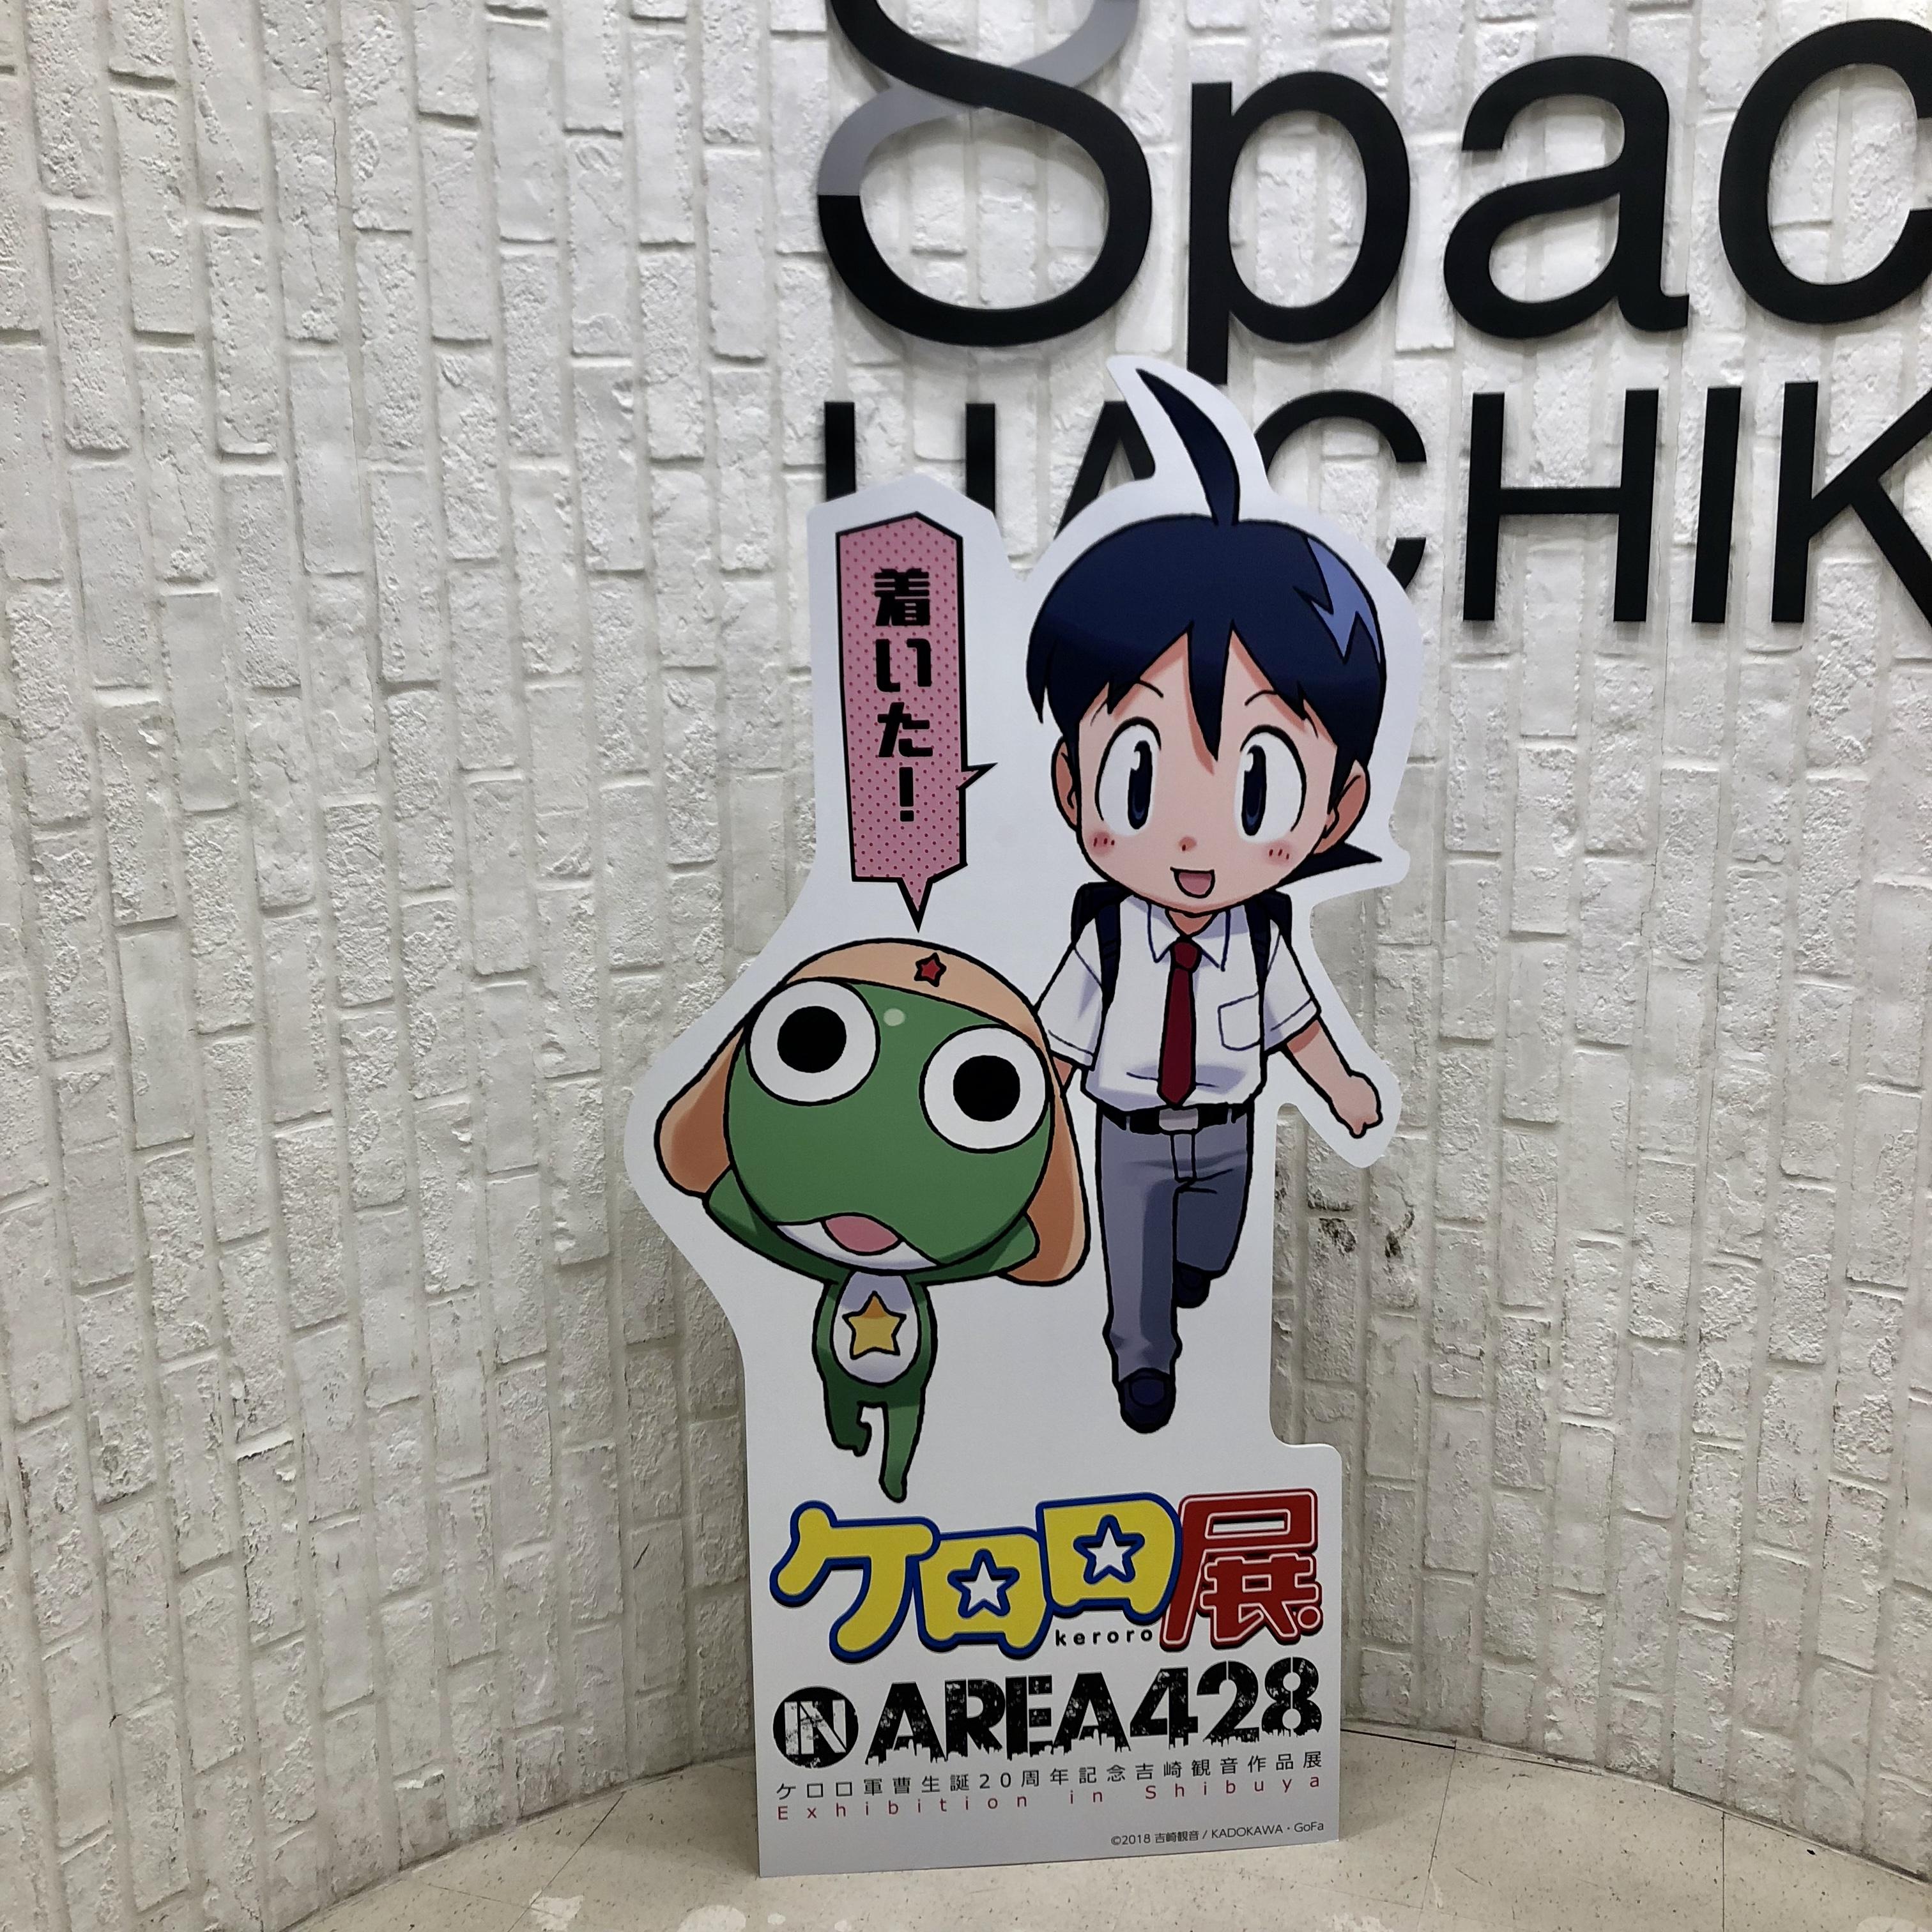 ケロロ軍曹20周年記念イベントがスタート!!